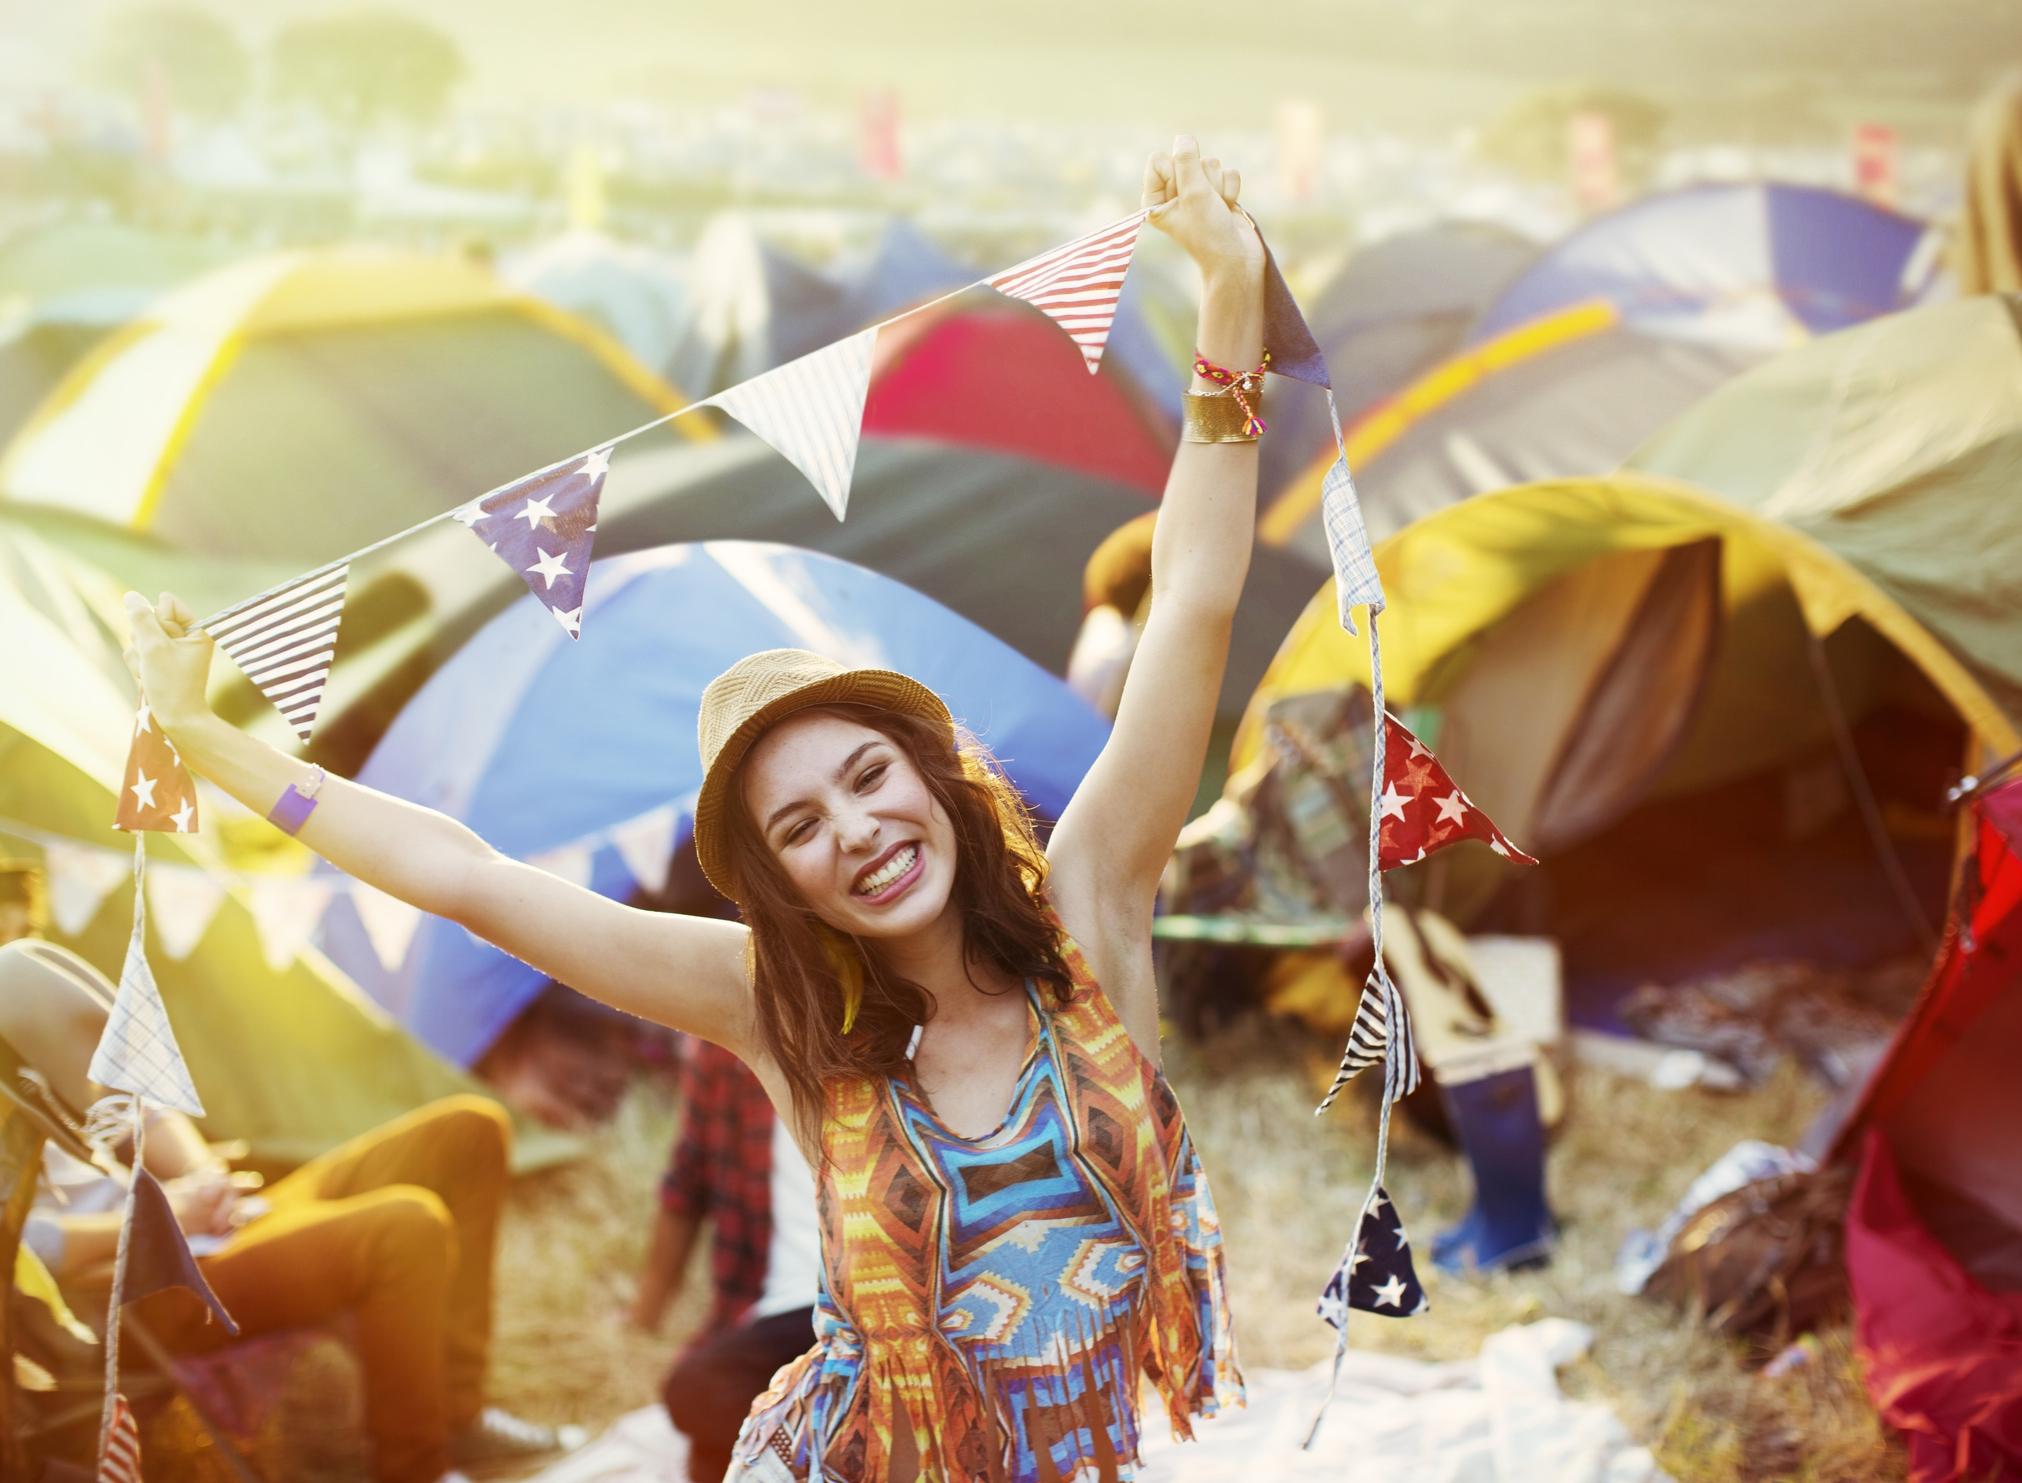 De 5 grootste (en herkenbare) ergernissen op festivals